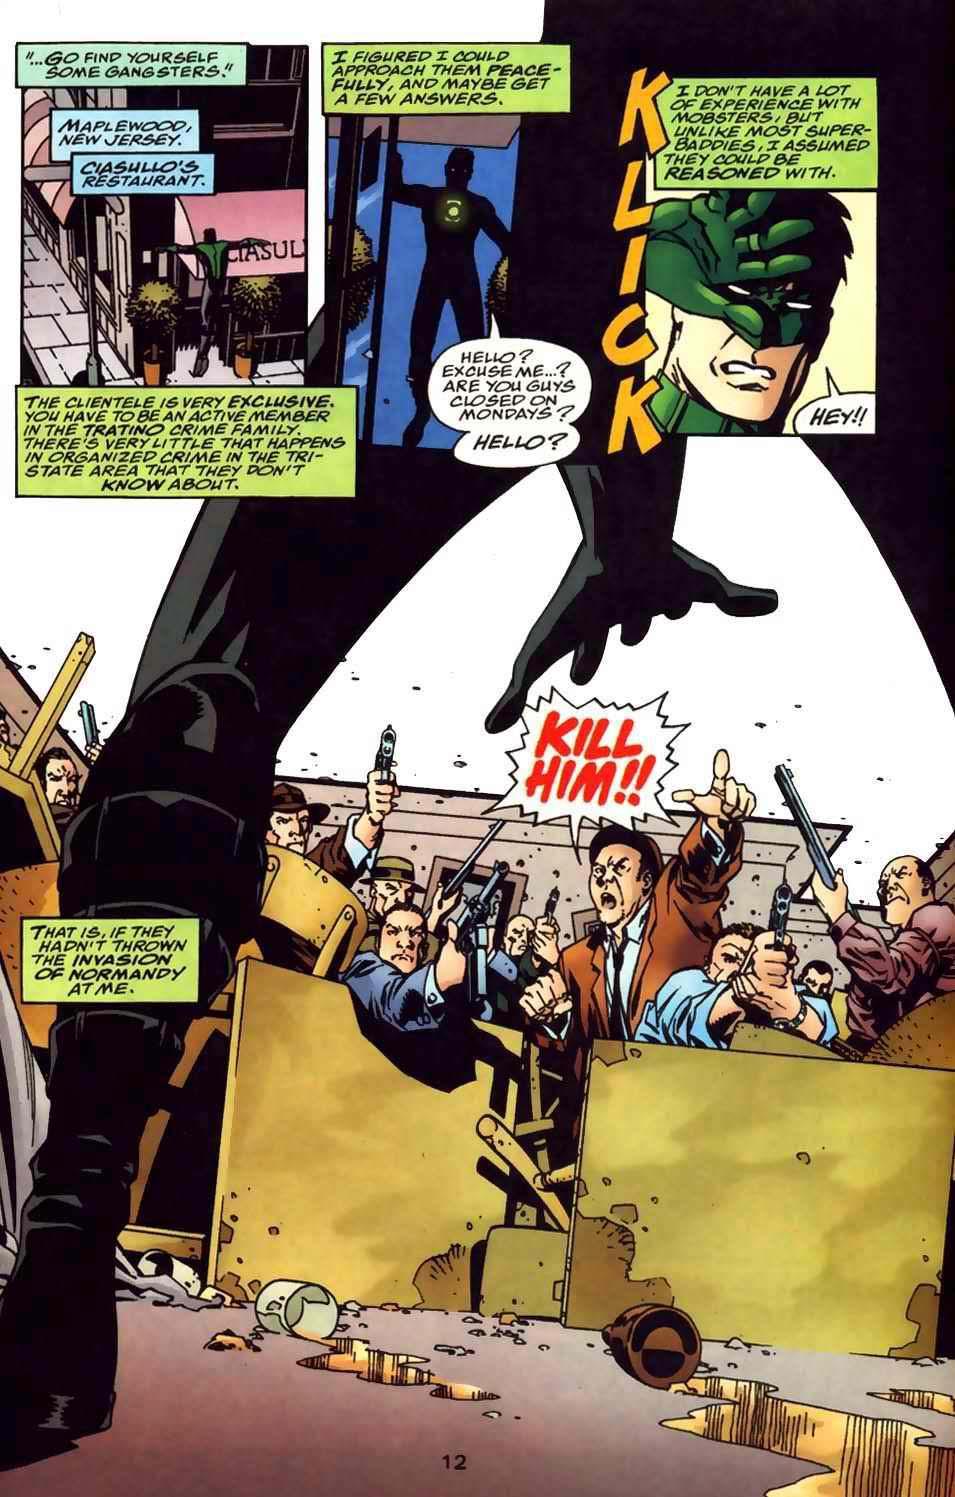 Green Lantern v3 162 - part 2 (13) KyleRayner.jpg